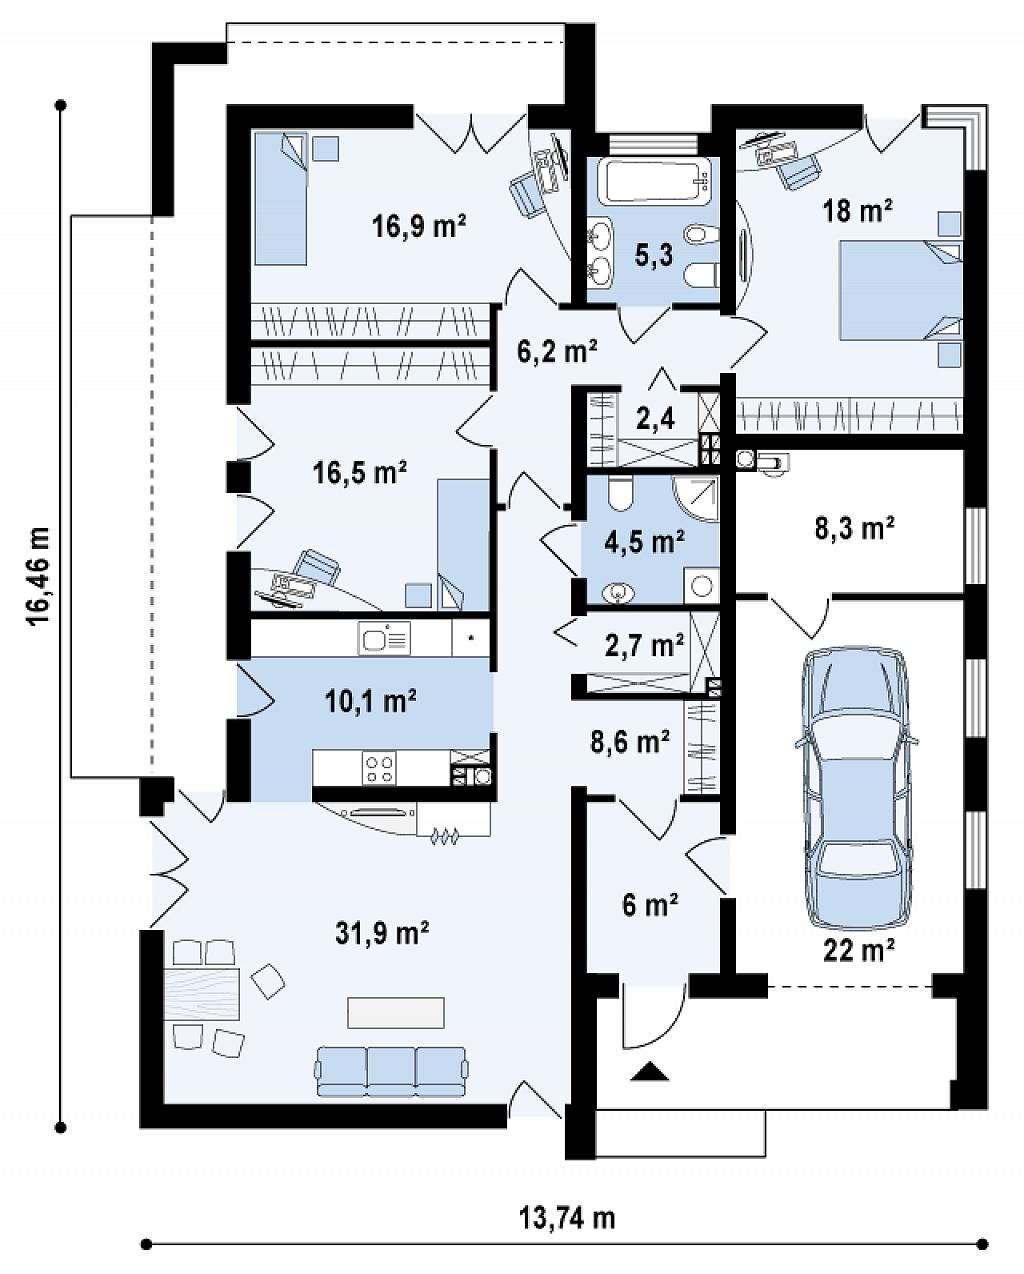 Plano de casa moderna con hermoso diseño exterior e interior, 3 ...